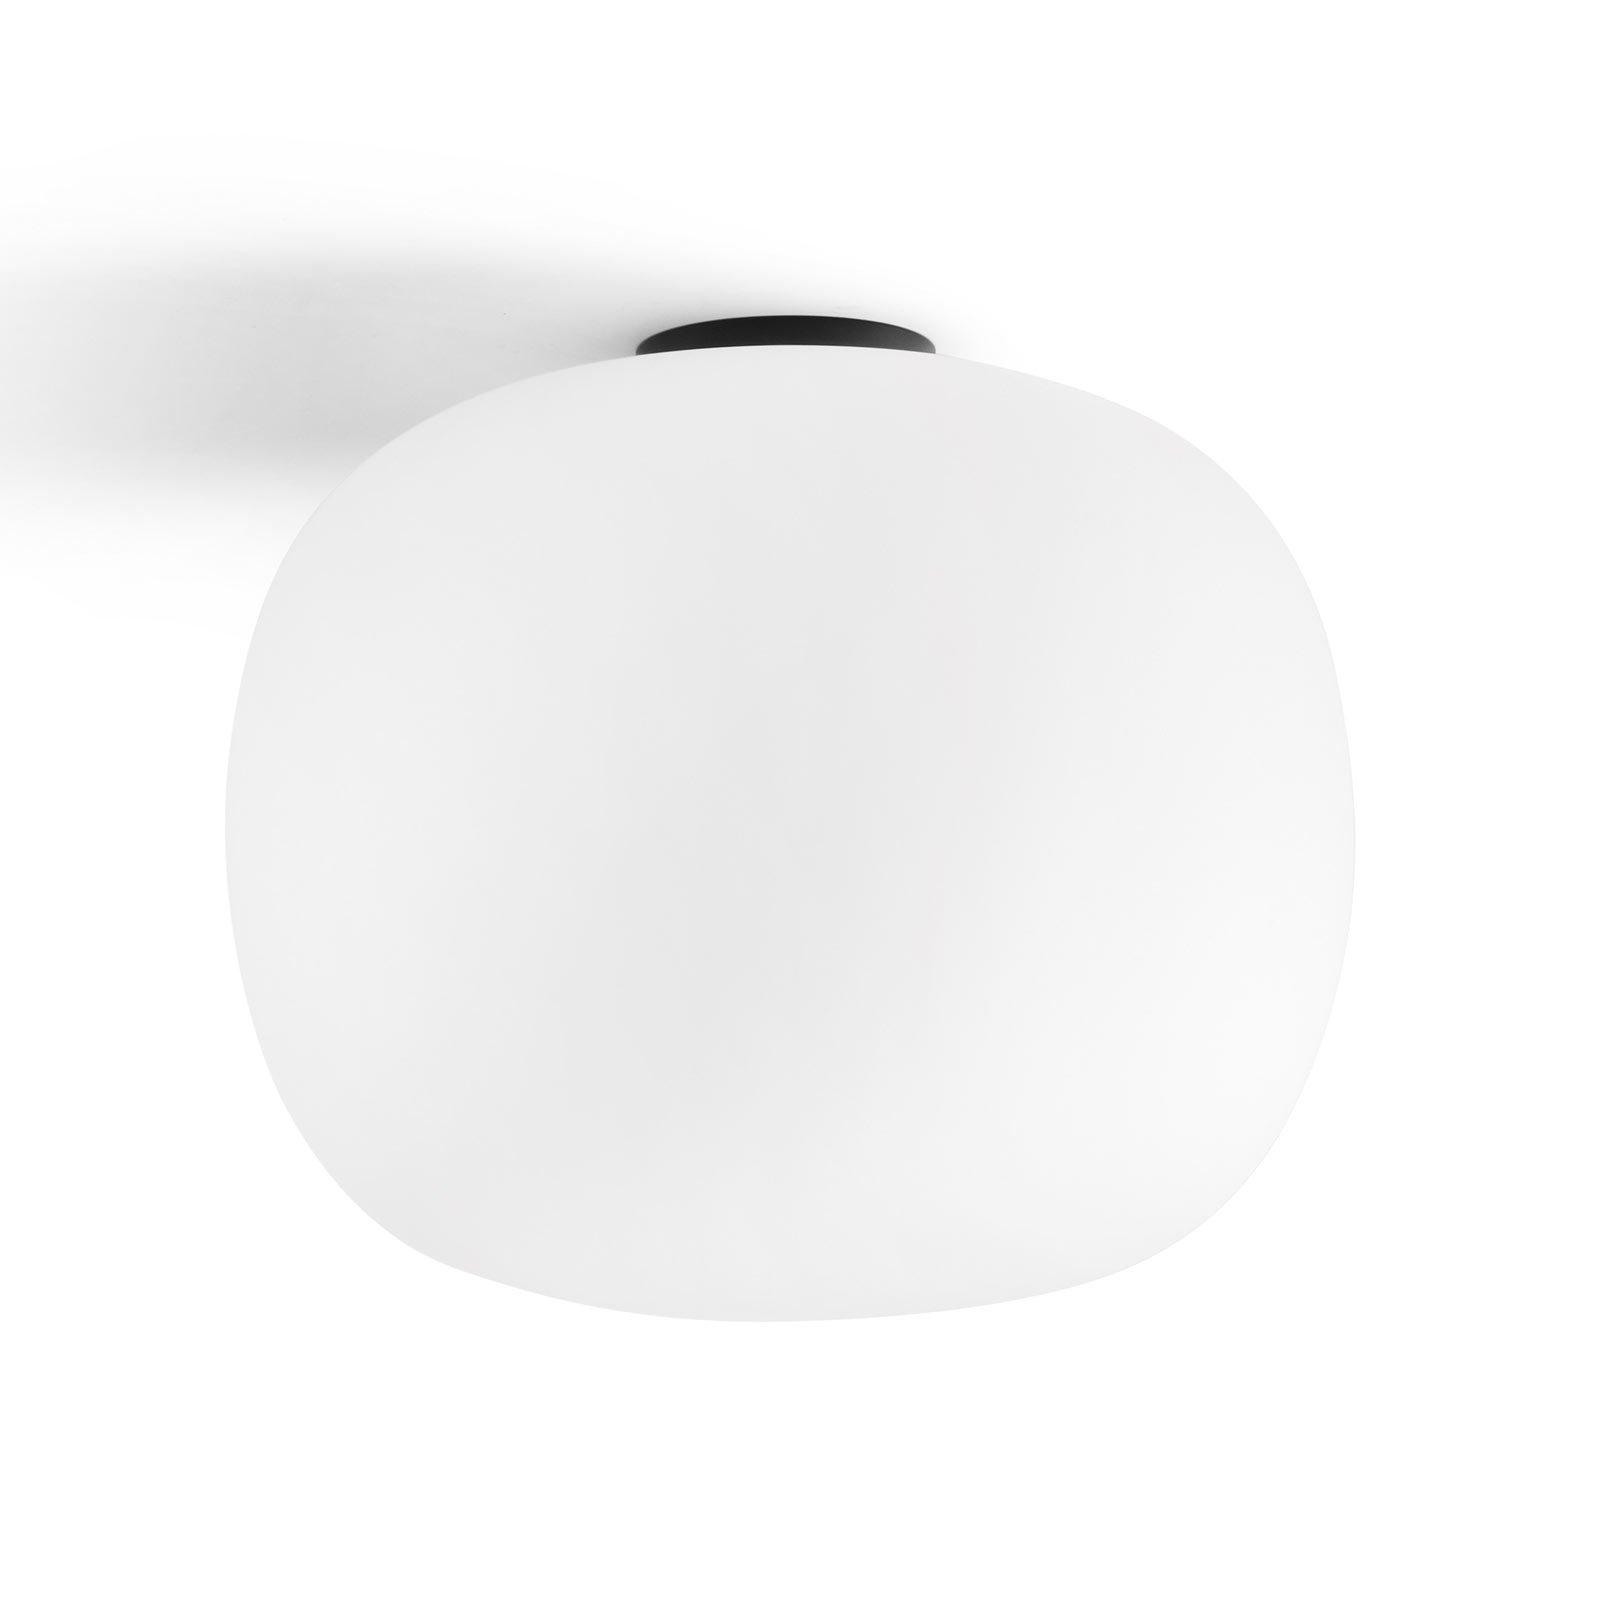 Taklampe Bombo av melkeglass Ø 19 cm